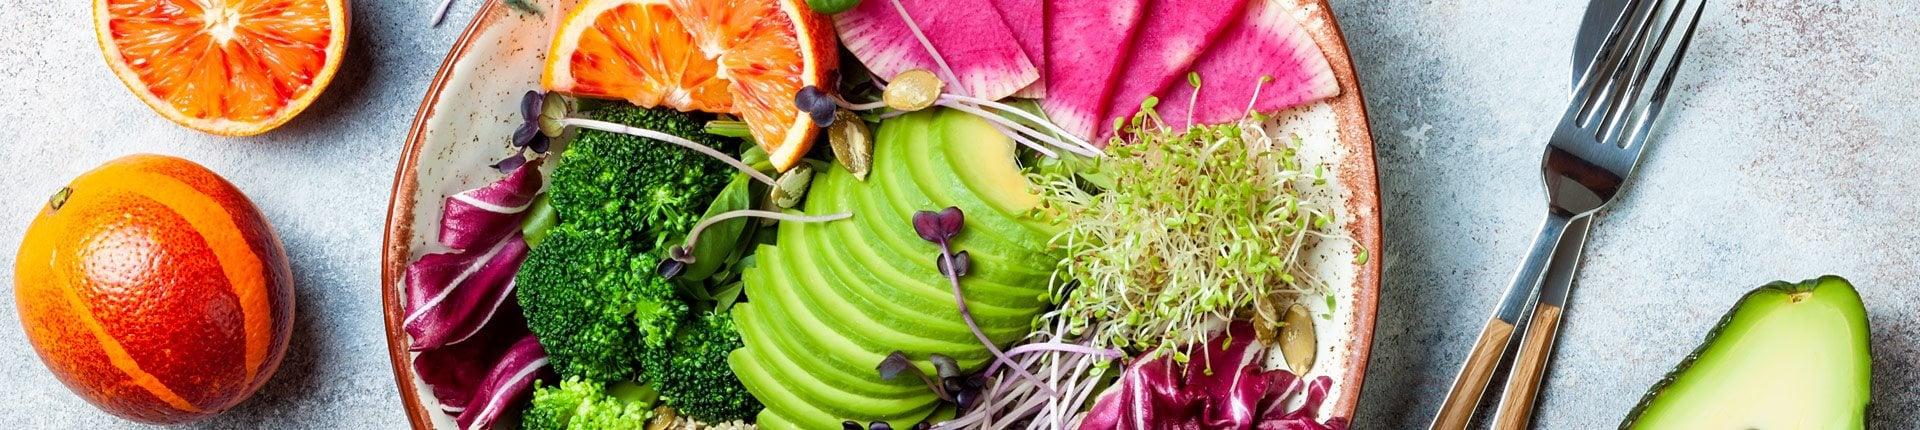 Dieta na surowo - czym jest dieta witariańska?